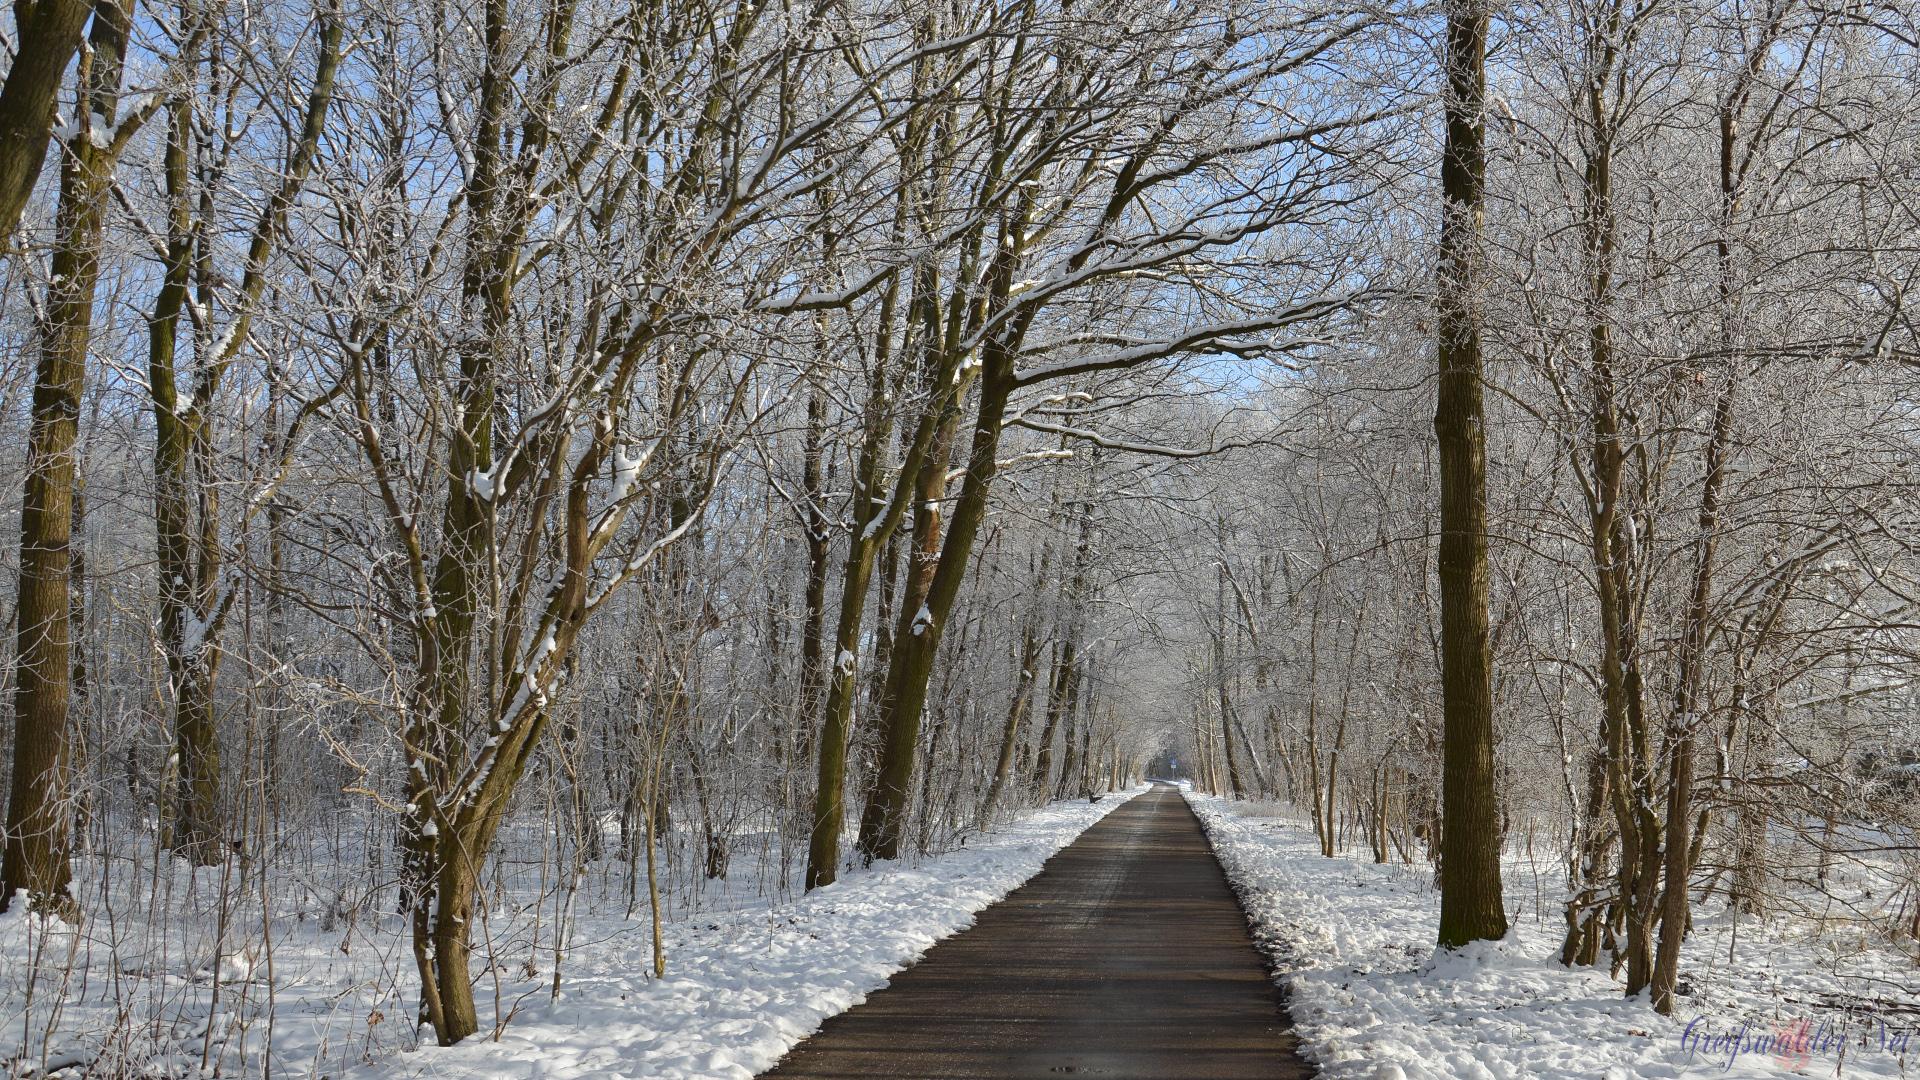 Winterstimmung in der Pappelallee